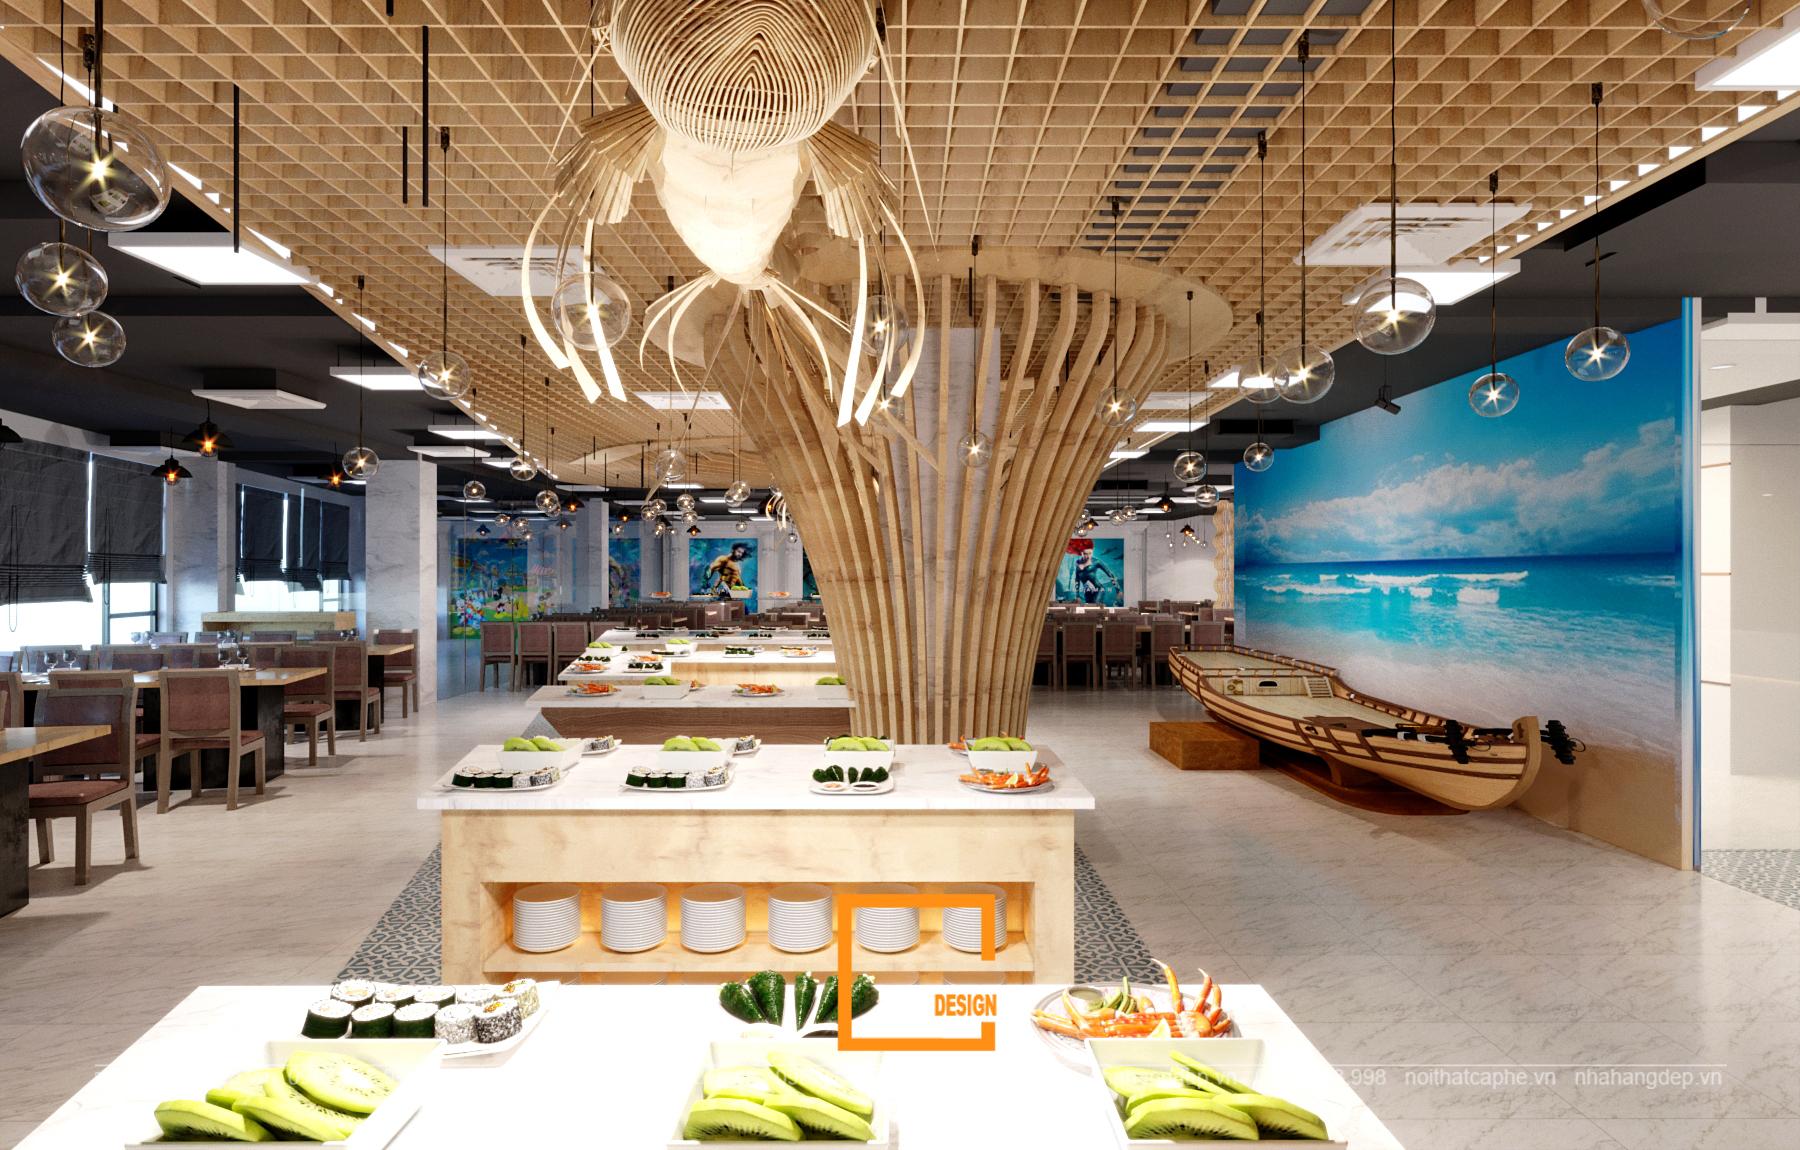 Một số ý tưởng thiết kế nhà hàng phù hợp với xu hướng